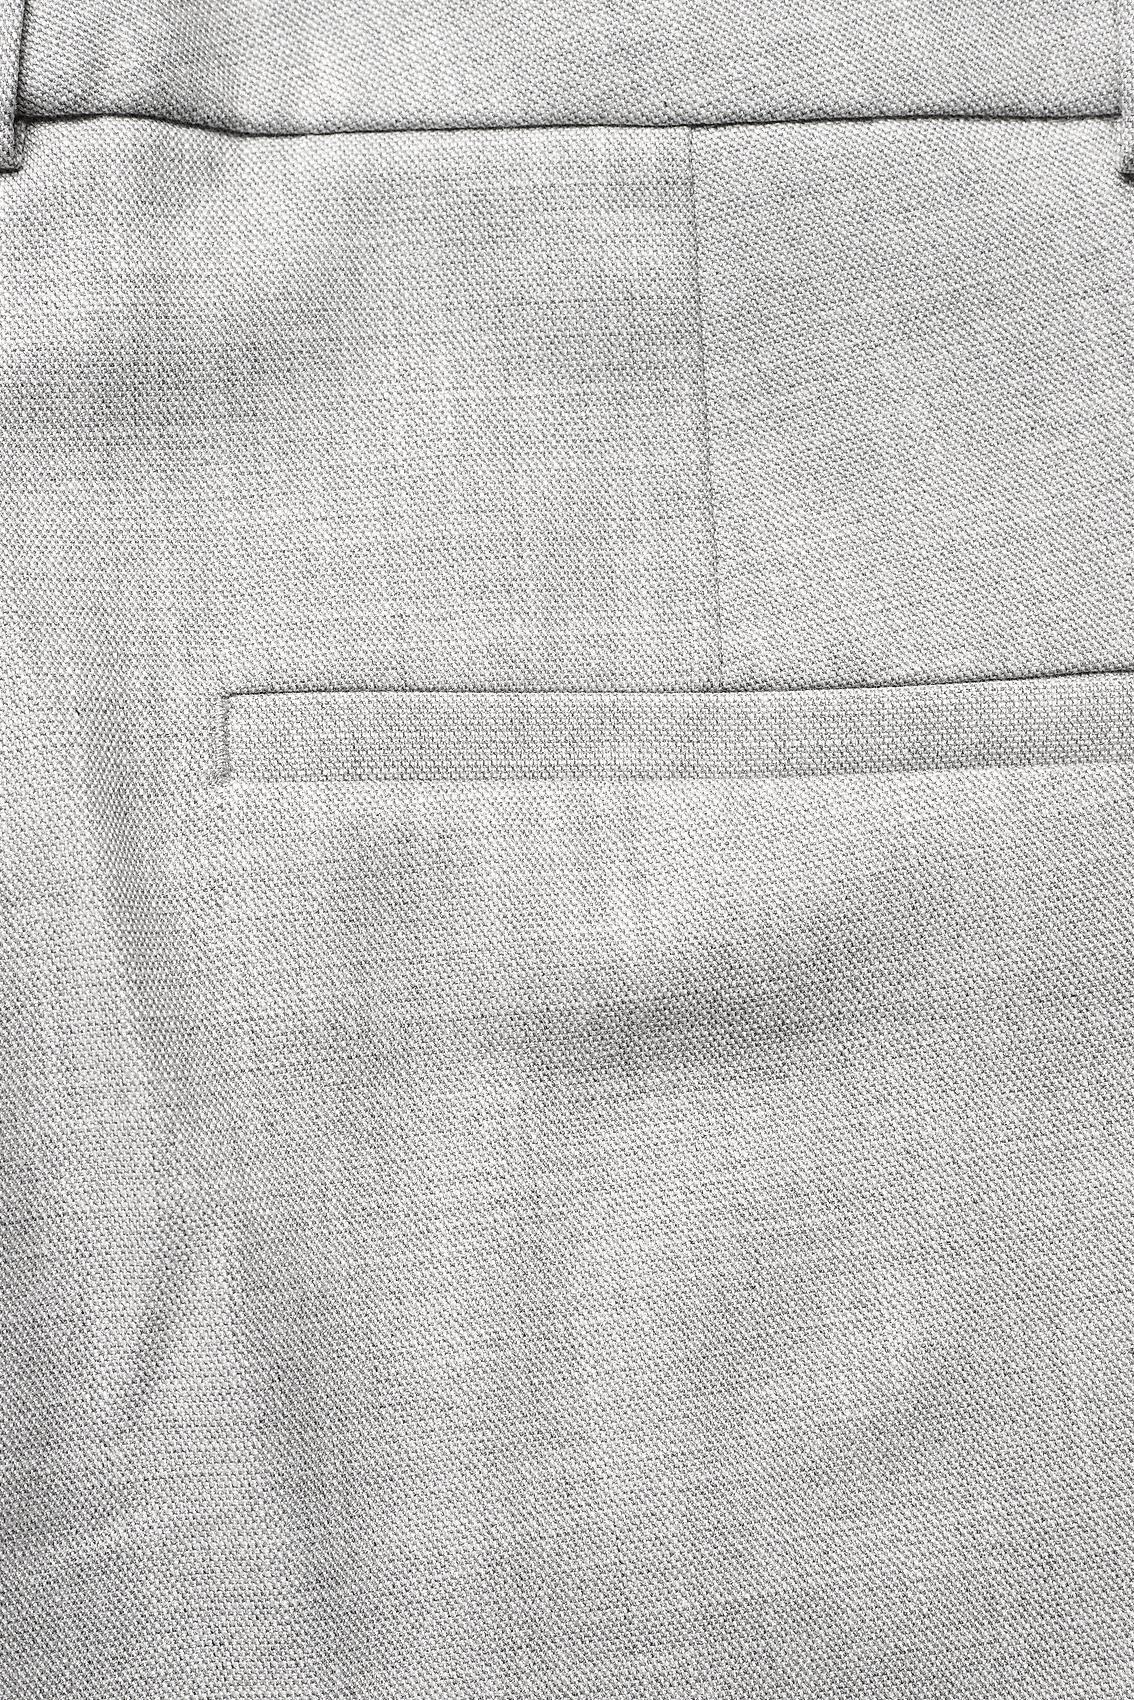 Clara Crop 721 Pant - Grey Melange-10